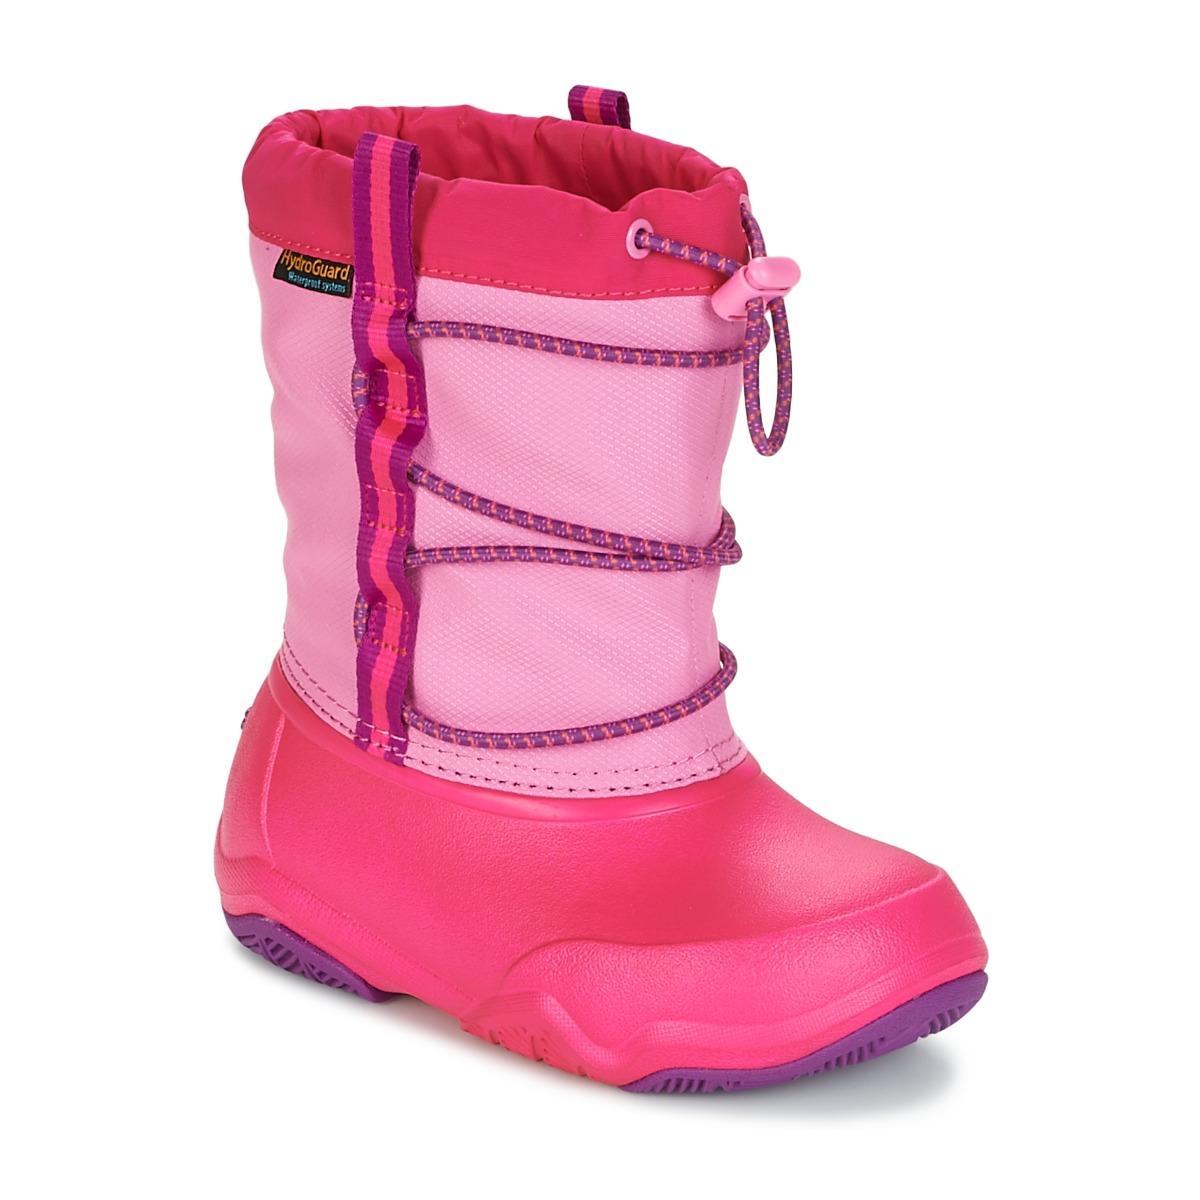 Vinterstøvler Crocs  Swiftwater waterproof boot